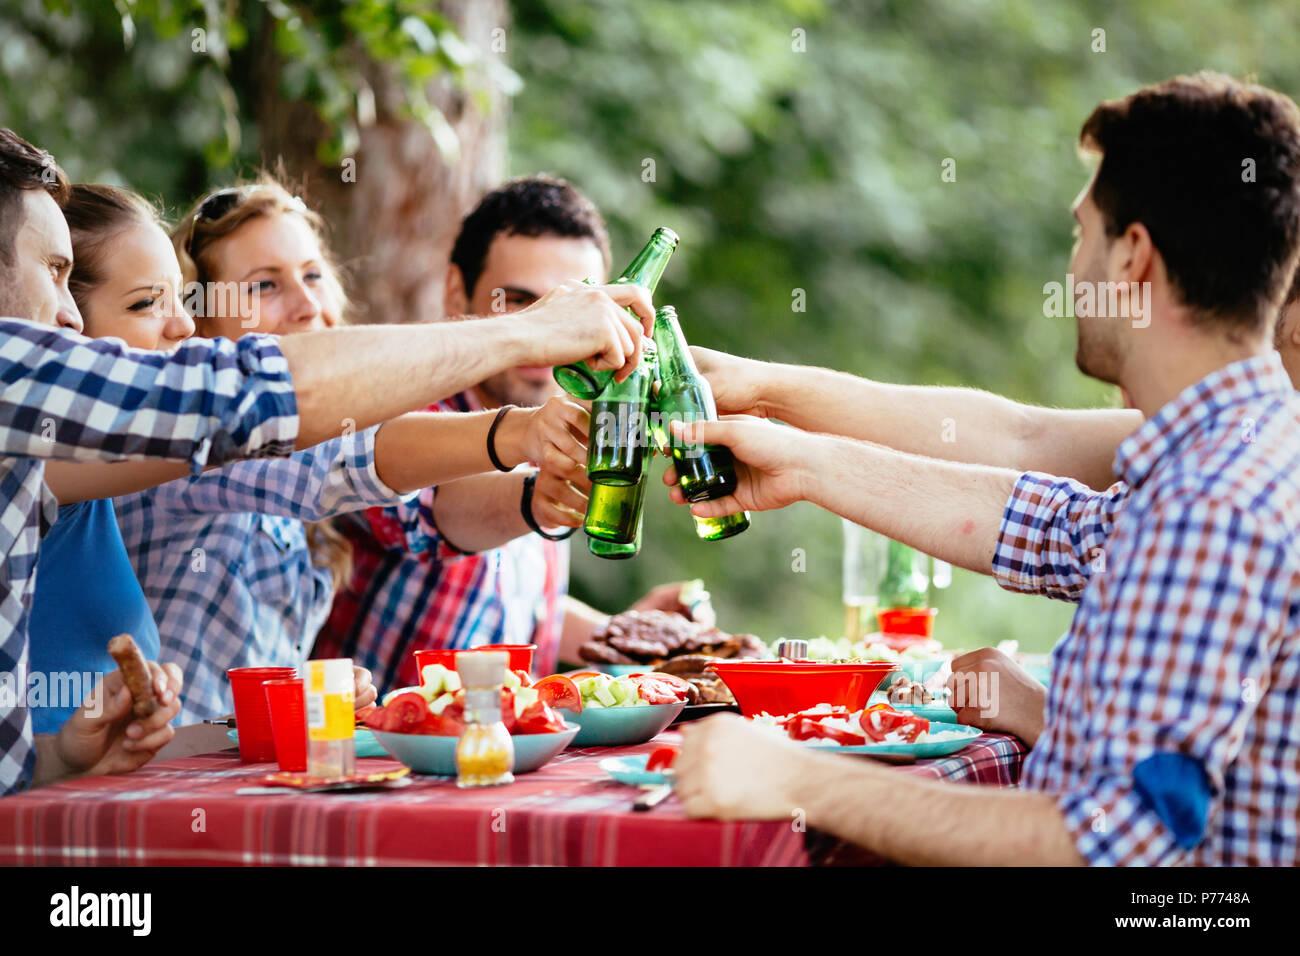 Gruppe von Menschen glücklich Essen im Freien Stockbild